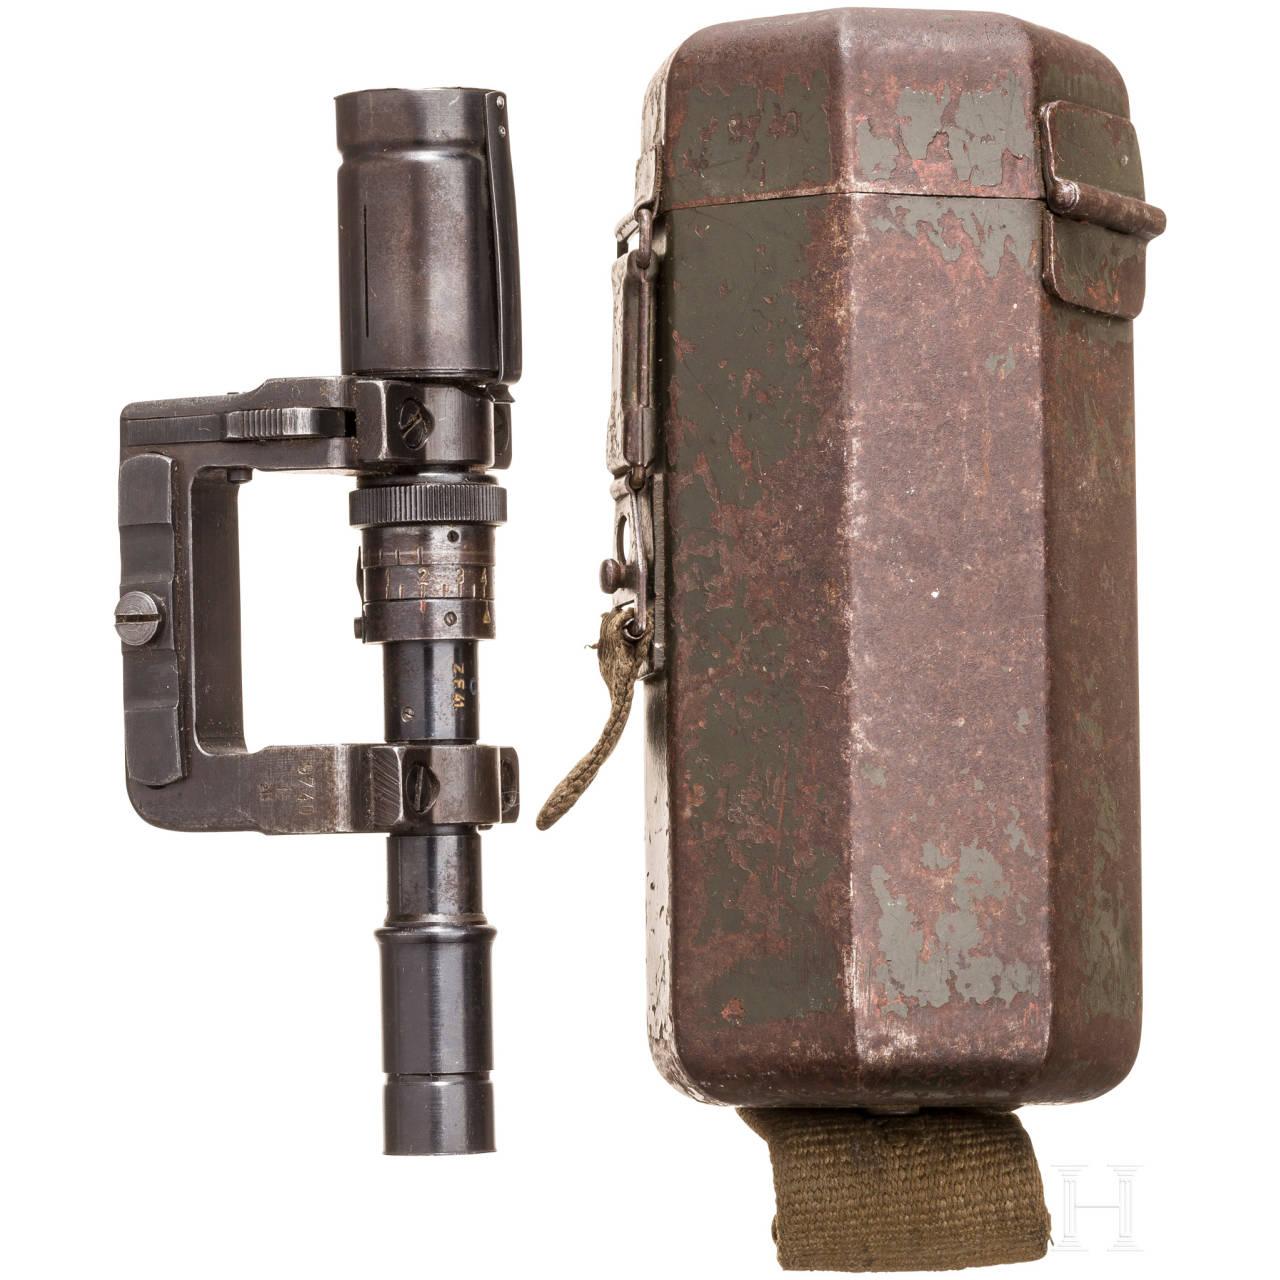 ZF 41 mit Fernrohrhalter und Behälter